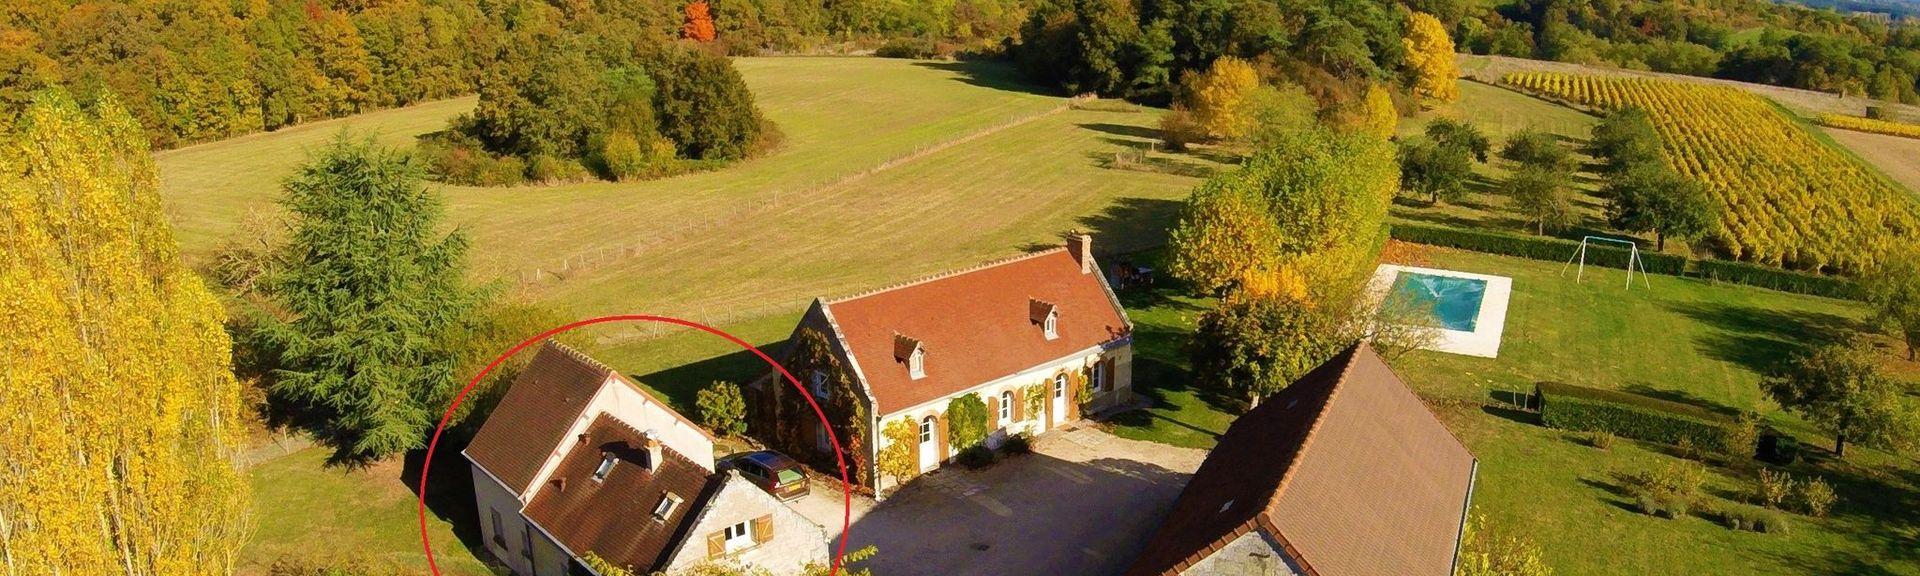 Faverolles-sur-Cher, Centre-Val de Loire, France